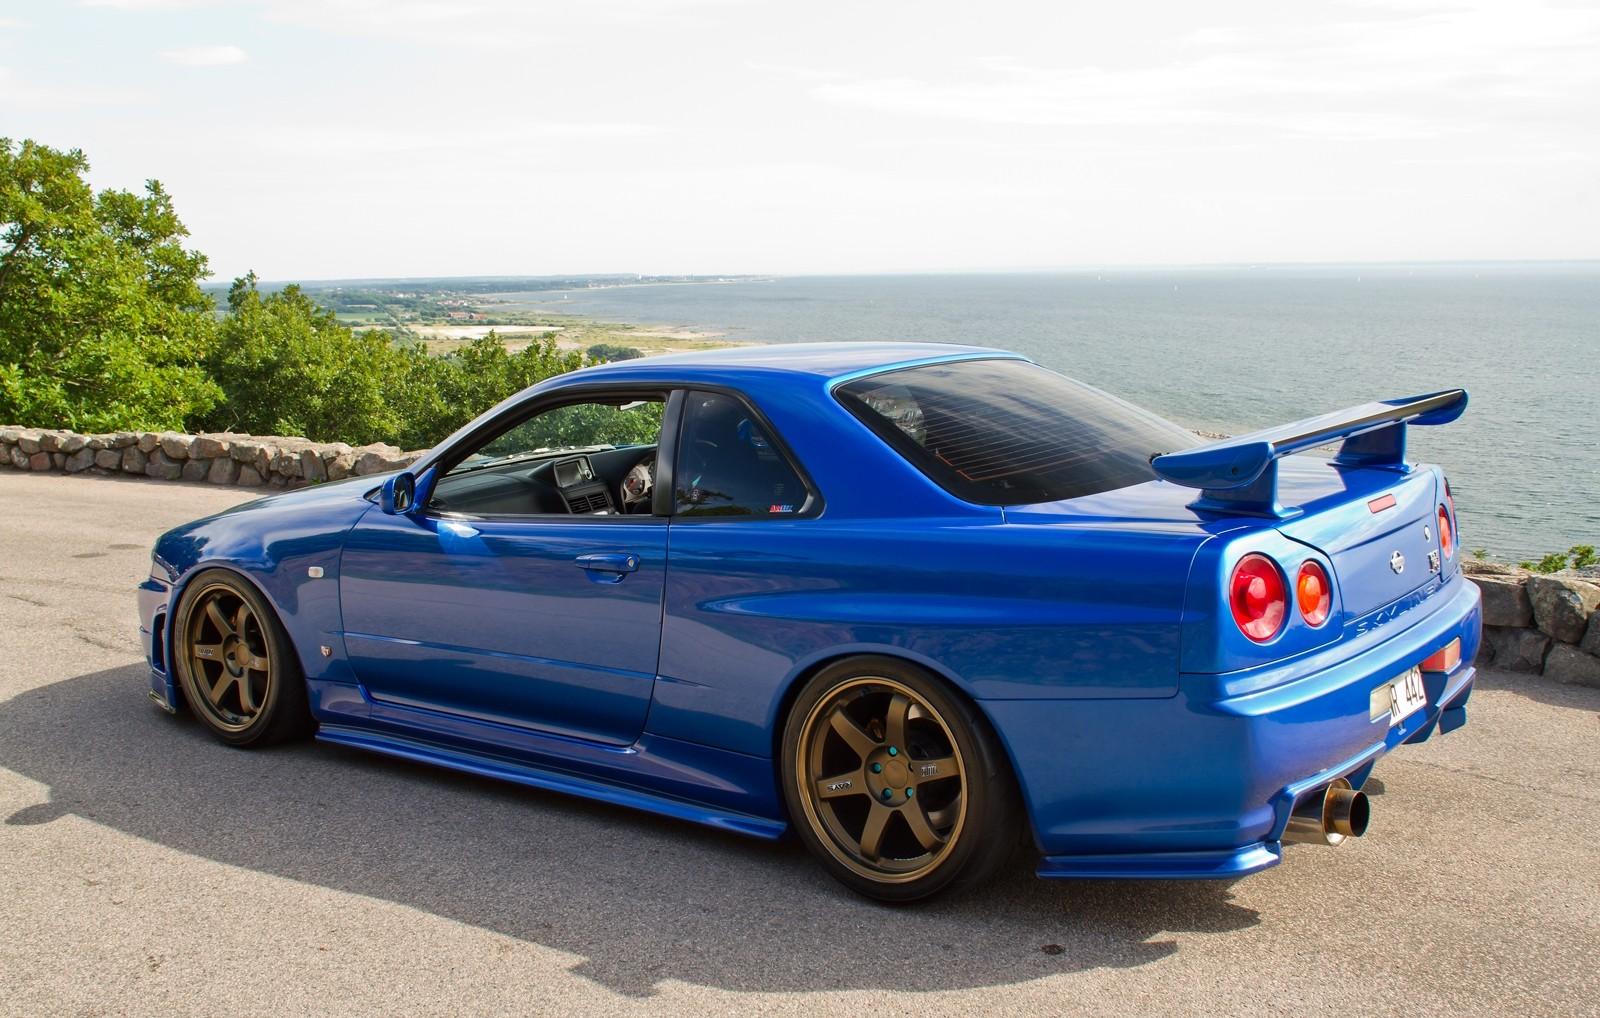 Wallpaper Japan Landscape Sea Blue Cars Skyline Island Jdm